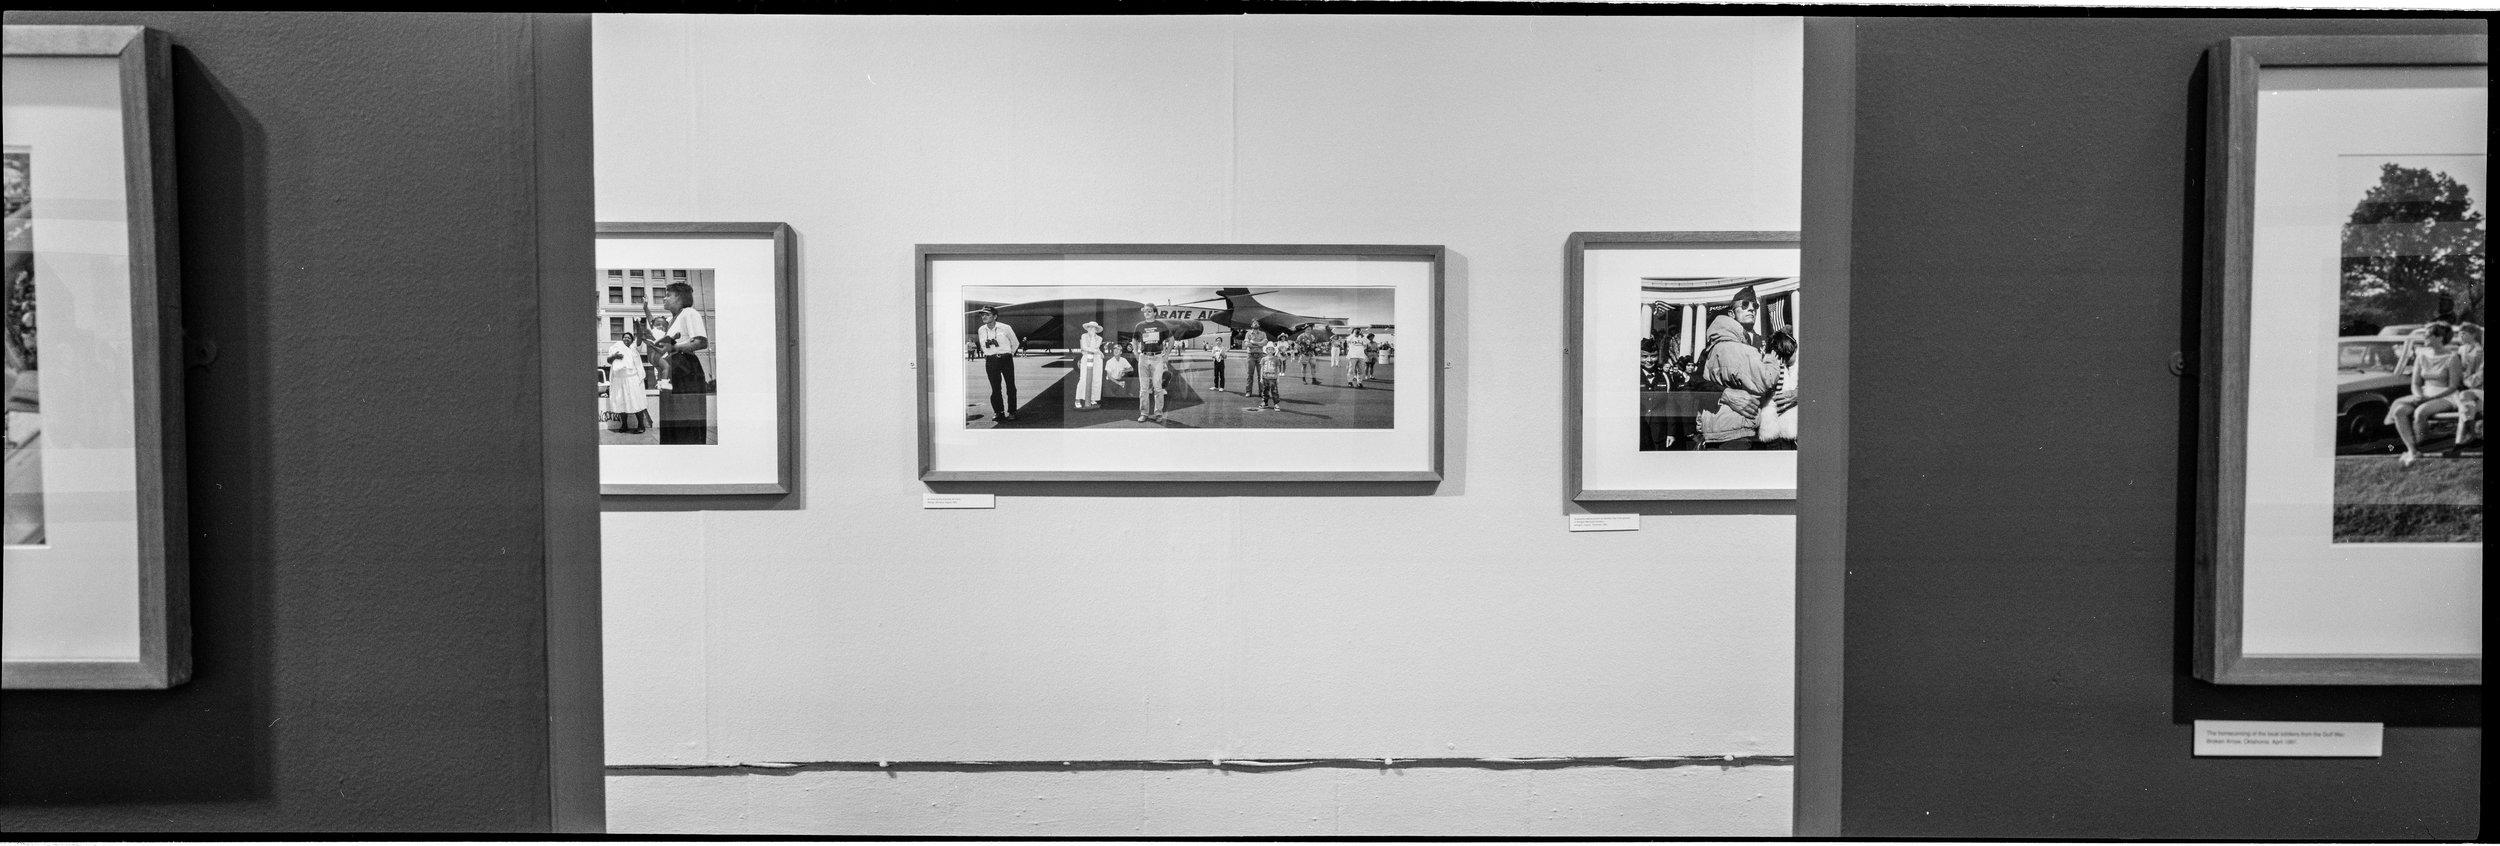 14-07-18-GodInc-expo-panoramisch-1992-6 001.jpg